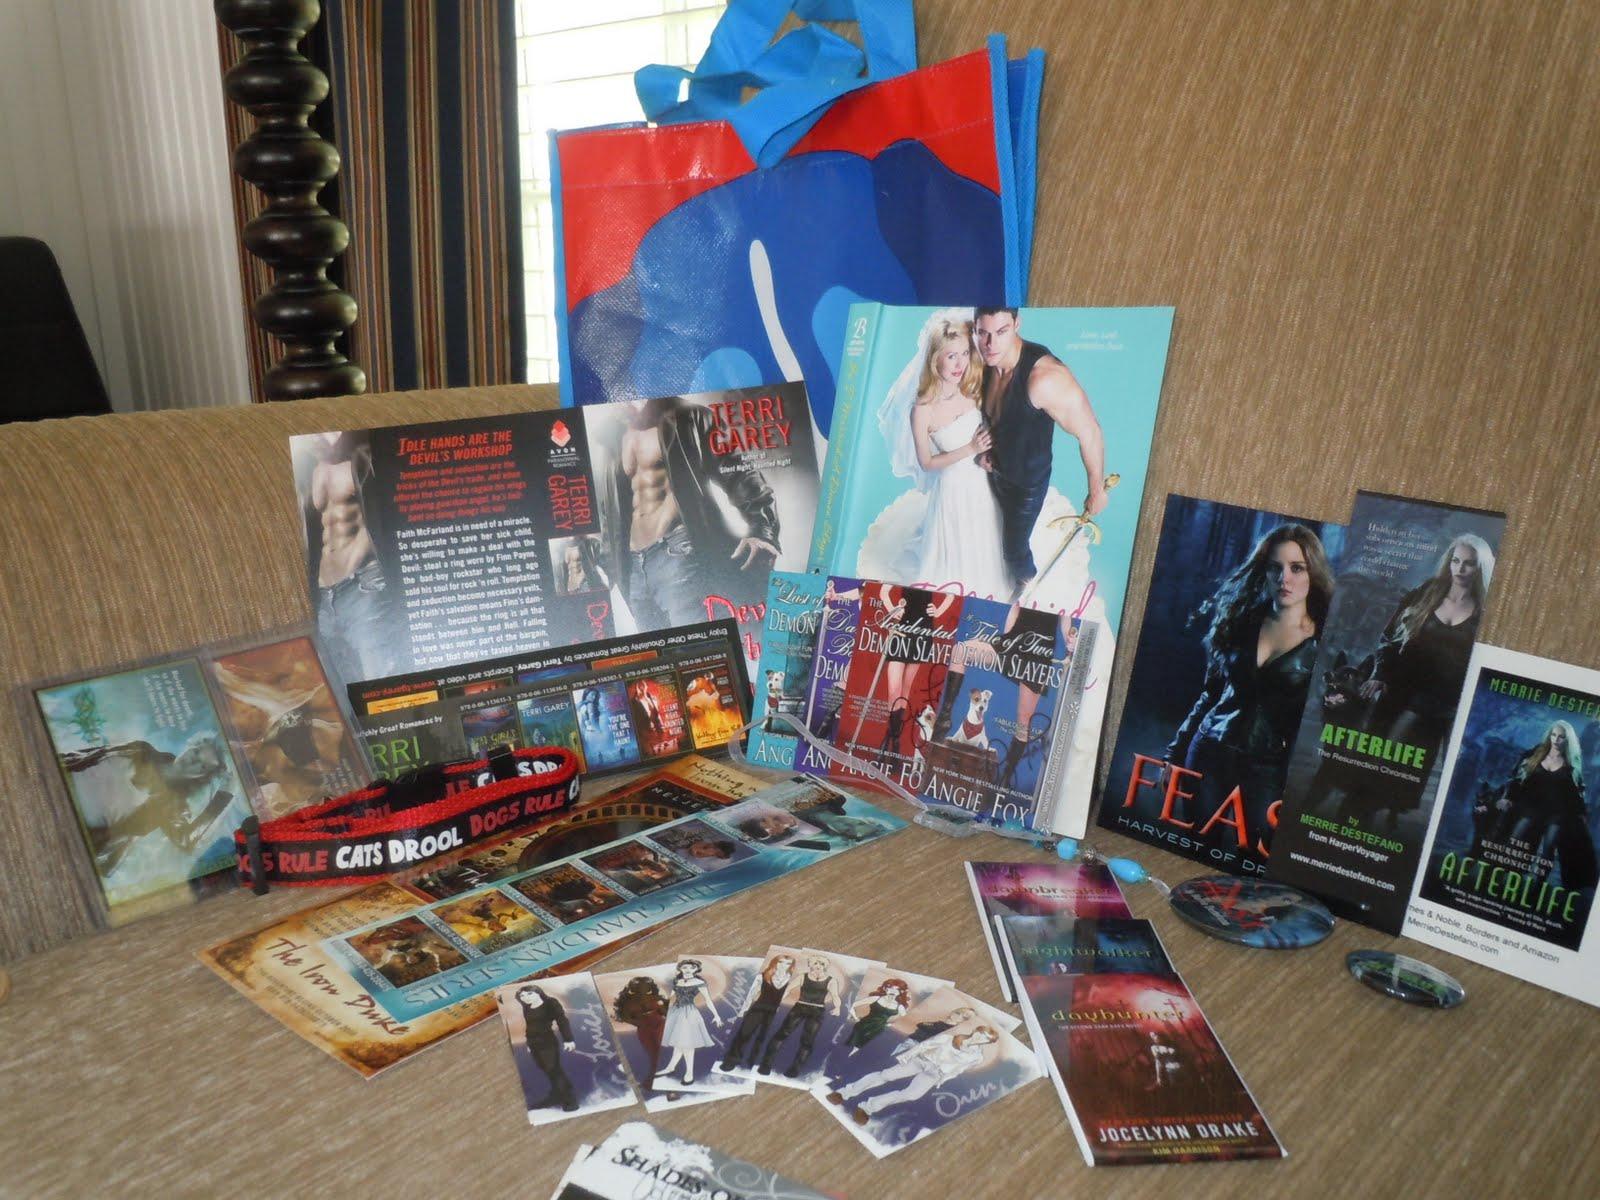 http://1.bp.blogspot.com/-DT_J8VBJhlg/Te4-esYiDMI/AAAAAAAAAK4/IckdWnx62EY/s1600/DSCN2122.JPG